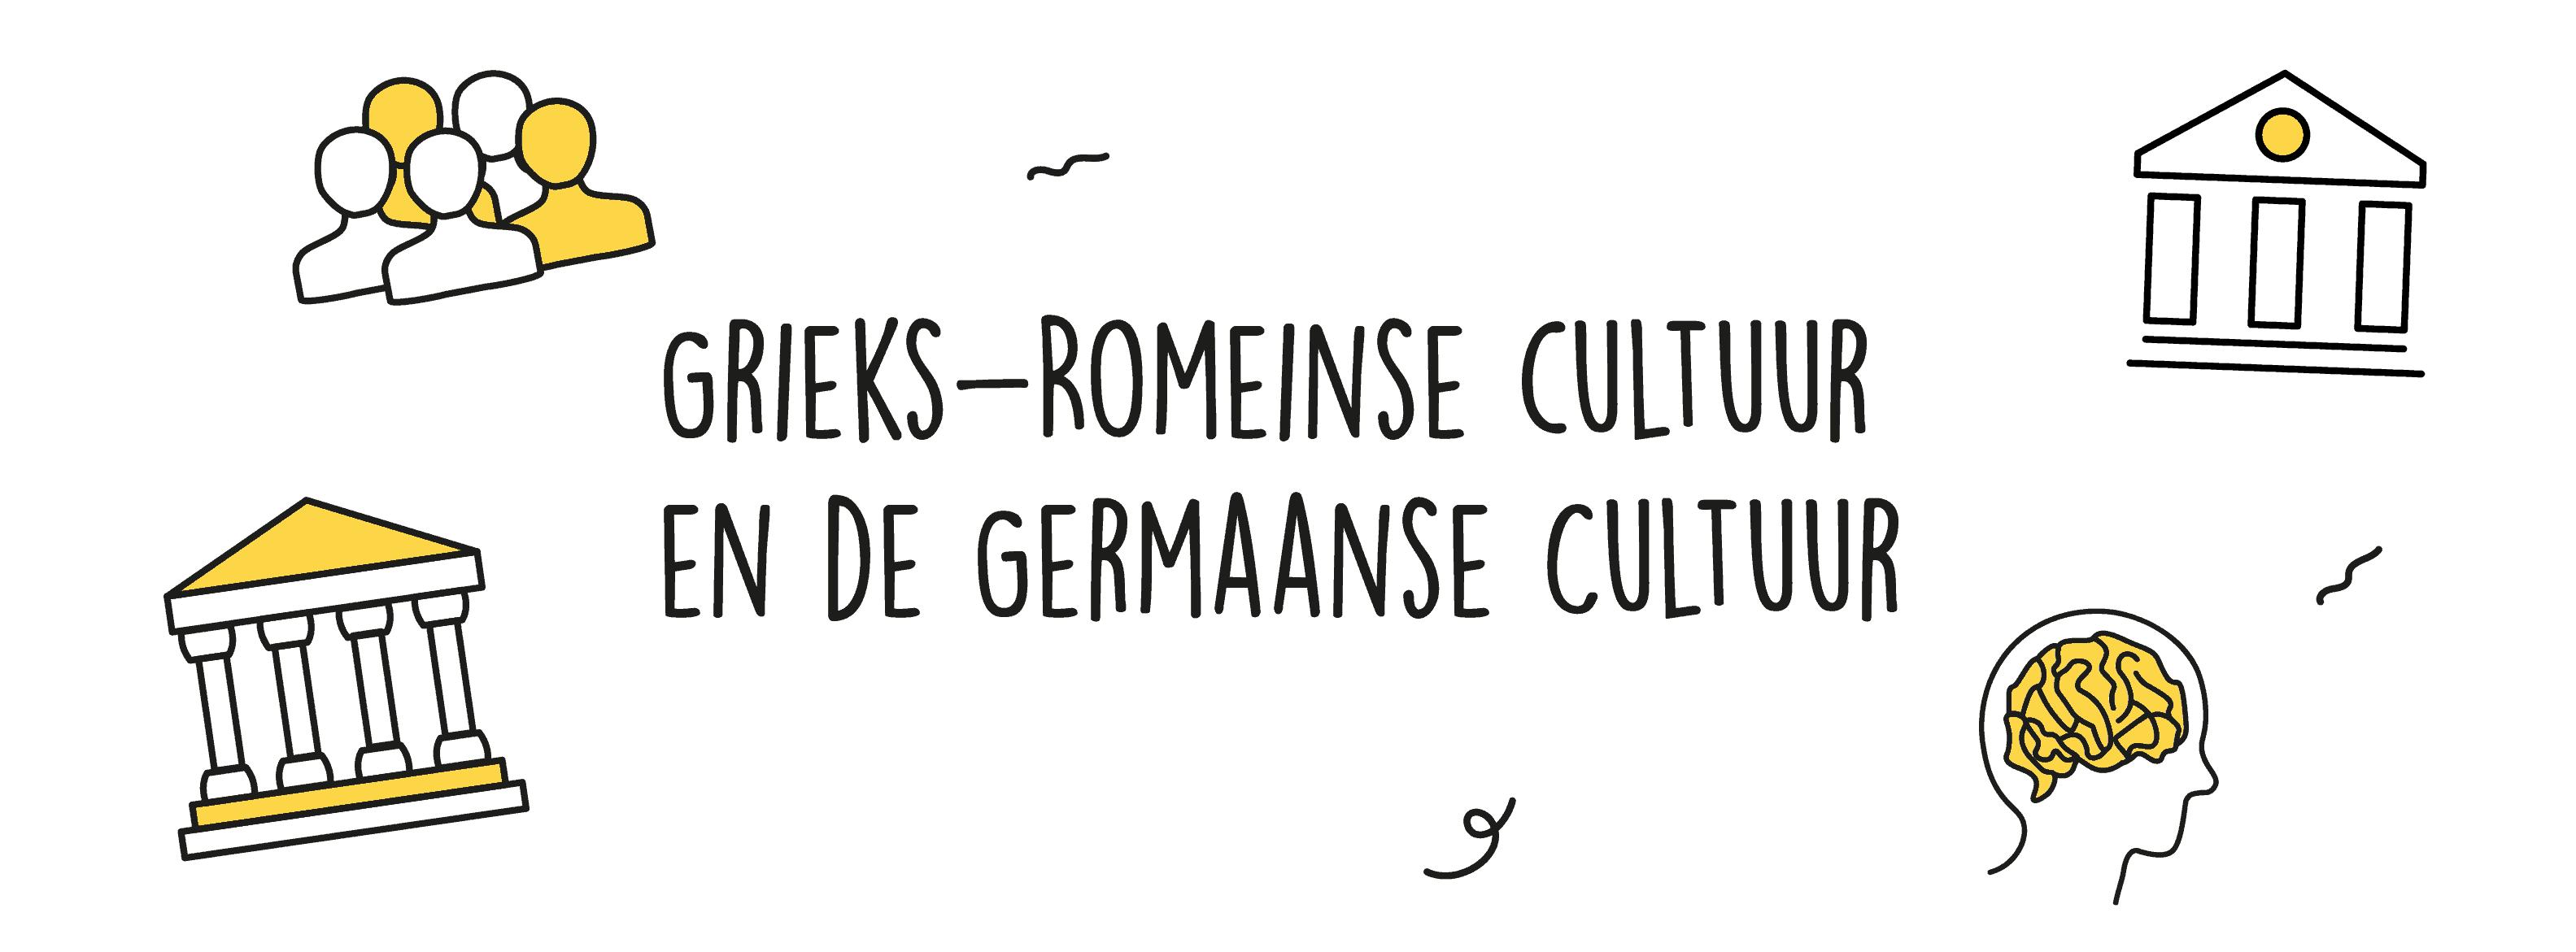 Grieks-Romeinse cultuur